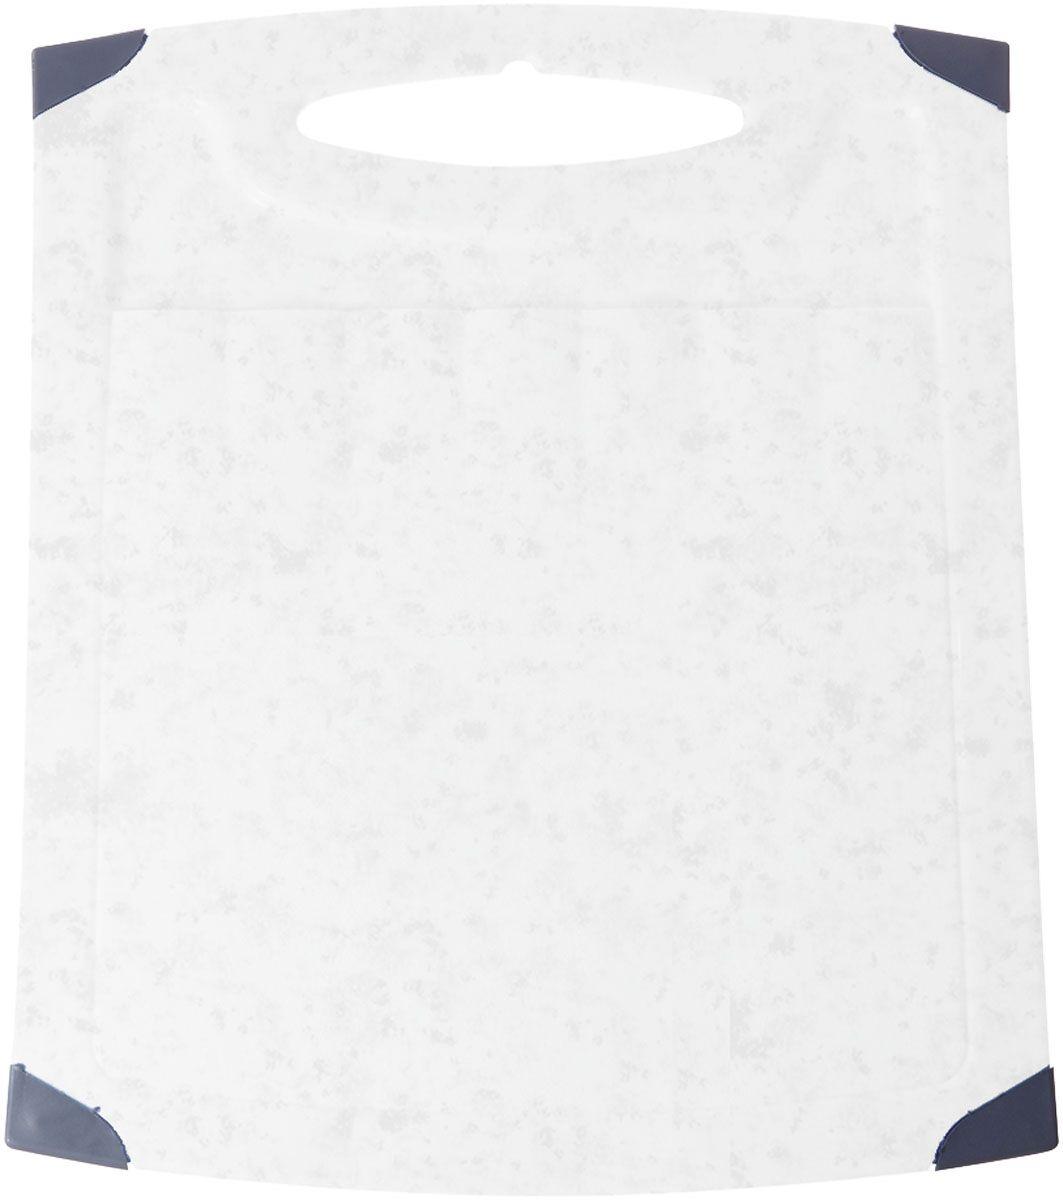 Доска разделочная Plastic Centre Люкс, цвет: мраморный, 26 х 23 см